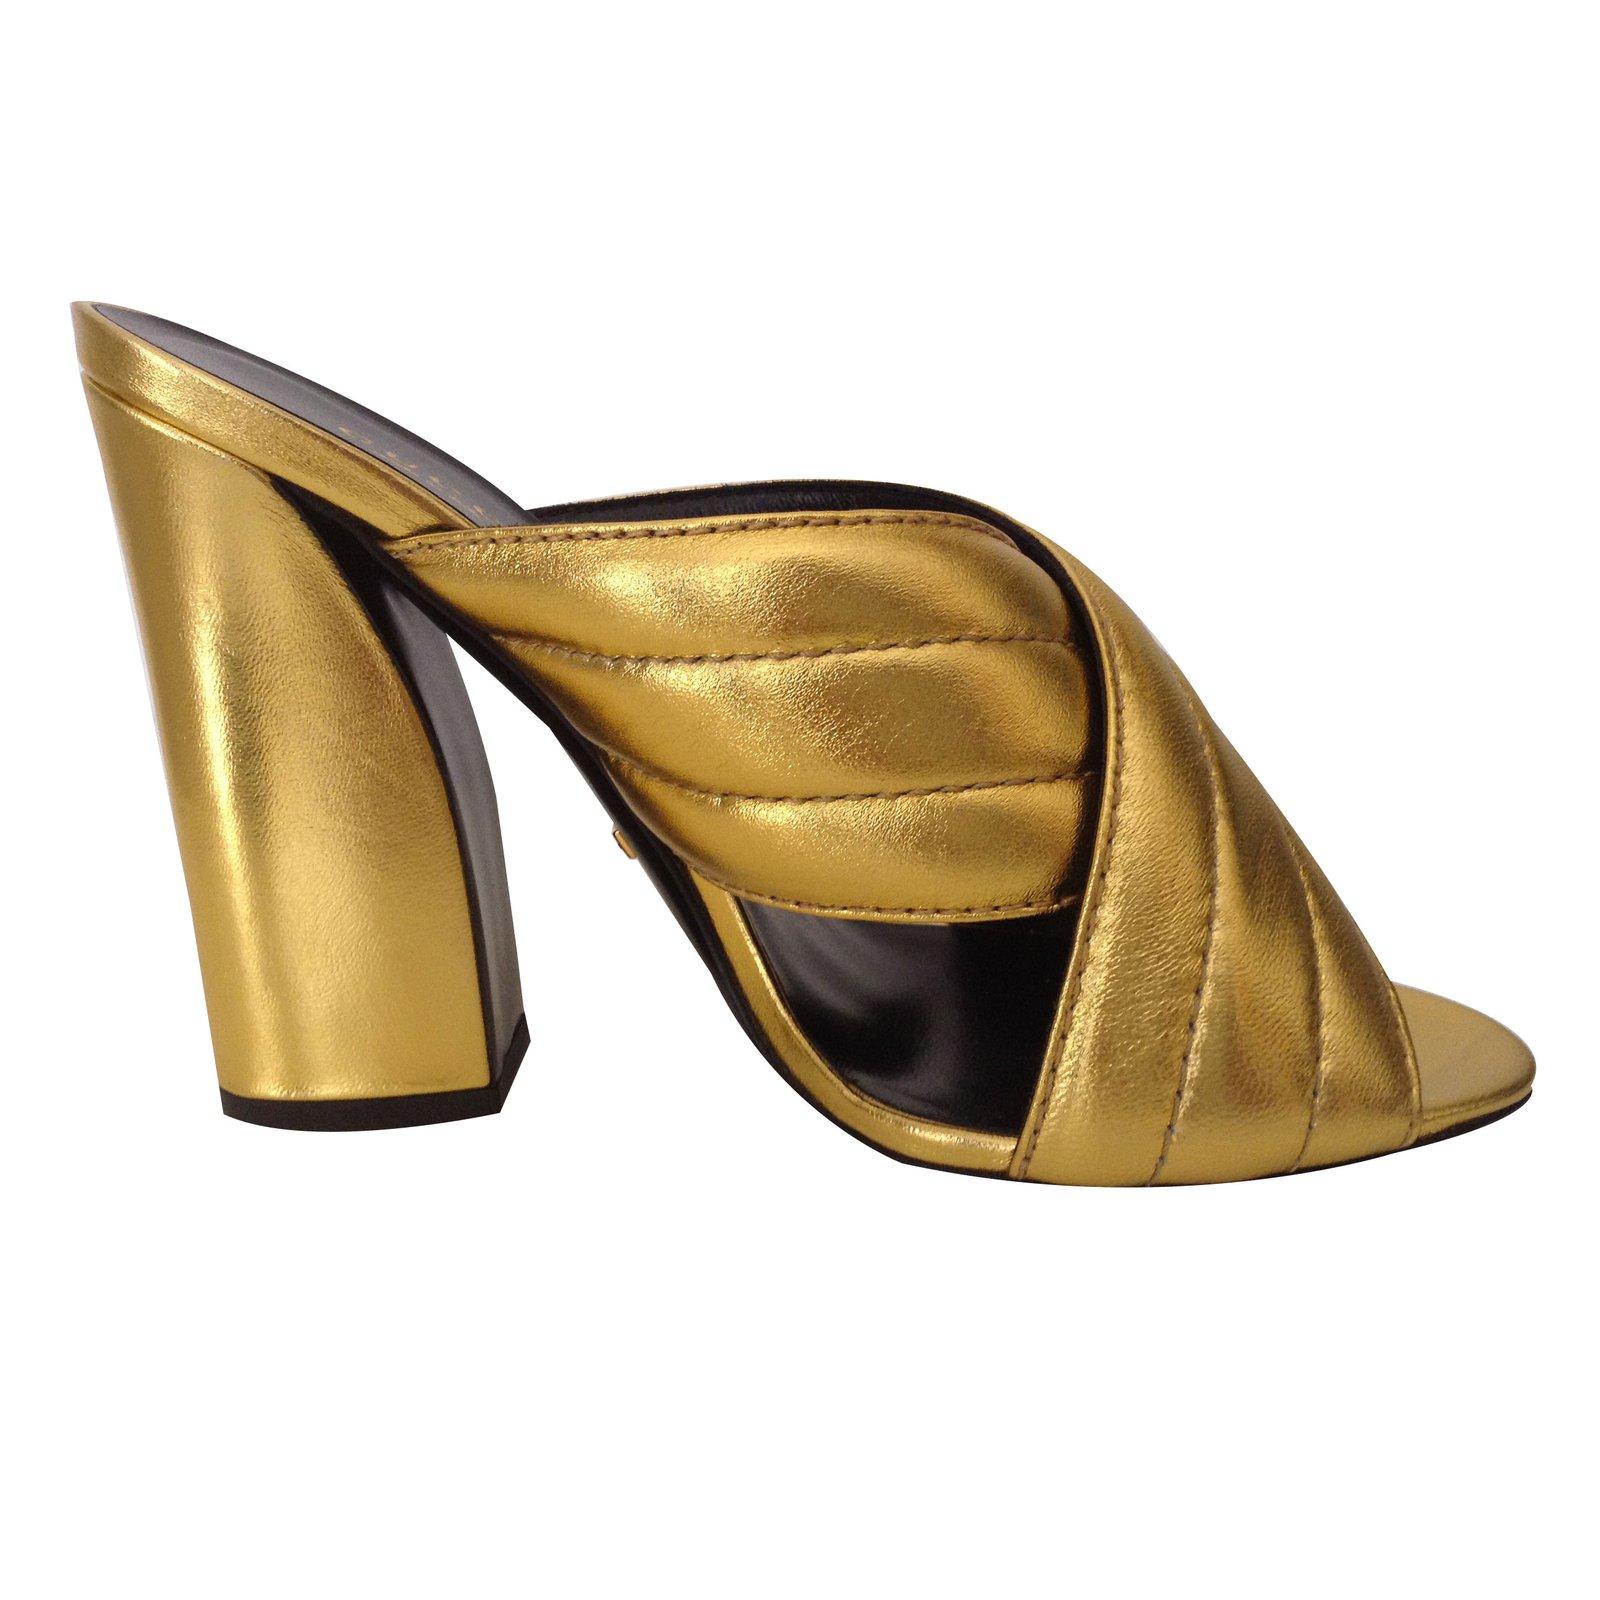 691ec3e6fa11 Gucci Sylvia Mules Leather Golden ref.40456 - Joli Closet